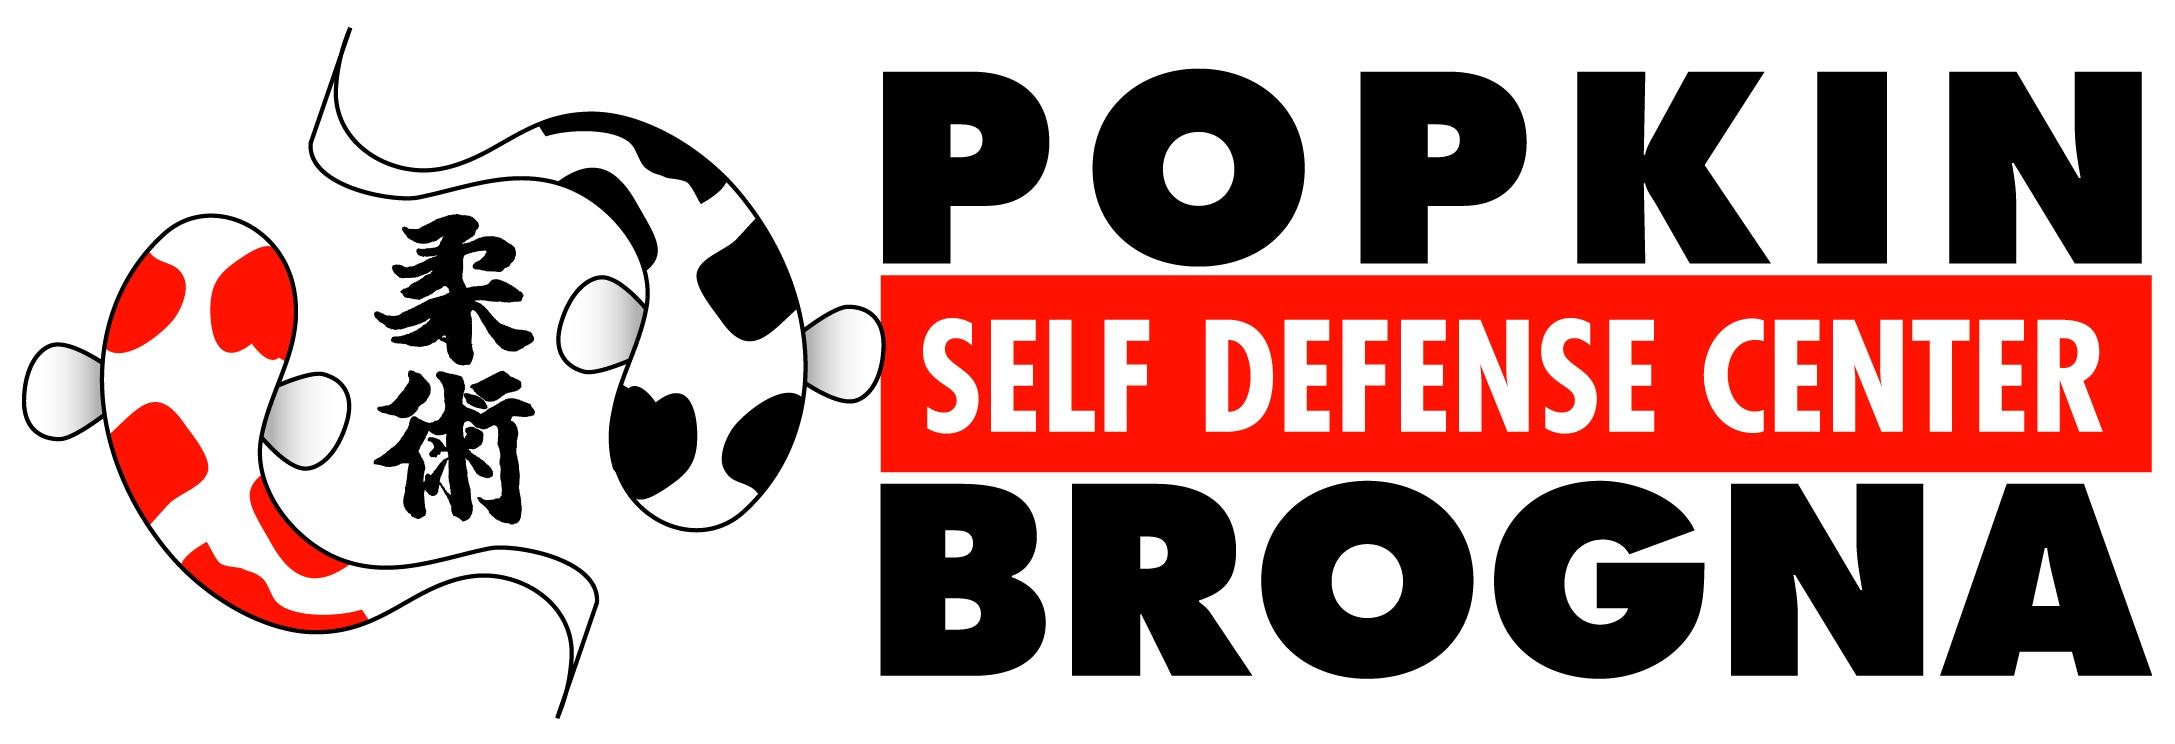 popkin brogna selfdefense